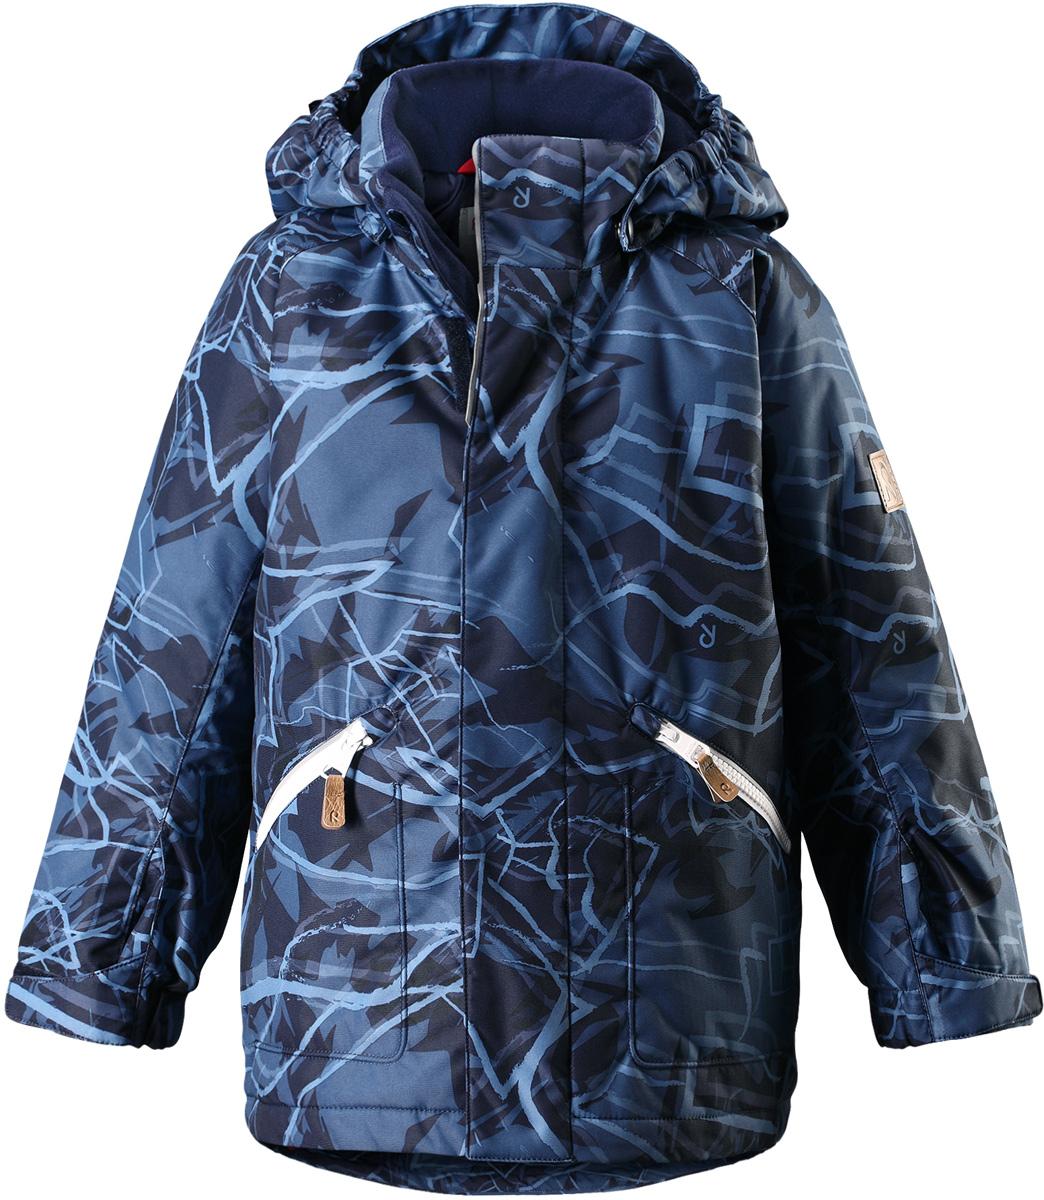 Куртка детская Reima Reimatec Nappaa, цвет: синий. 5215136988. Размер 1045215136988Детская зимняя куртка Reimatec изготовлена из износостойкого, водо- и ветронепроницаемого, дышащего материала с водо- и грязеотталкивающей поверхностью. Основные швы в куртке проклеены и водонепроницаемы, поэтому неожиданный снегопад или дождь не помешает веселым играм на свежем воздухе! Эта куртка с подкладкой из гладкого полиэстера легко надевается, и ее очень удобно носить. Благодаря регулируемой талии и подолу, эта куртка прямого кроя отлично сидит по фигуре. Капюшон снабжен кнопками. Это обеспечивает дополнительную безопасность во время активных прогулок – капюшон легко отстегивается, если случайно за что-нибудь зацепится. Регулируемые манжеты, два передних кармана на молнии и светоотражающие детали.Средняя степень утепления.